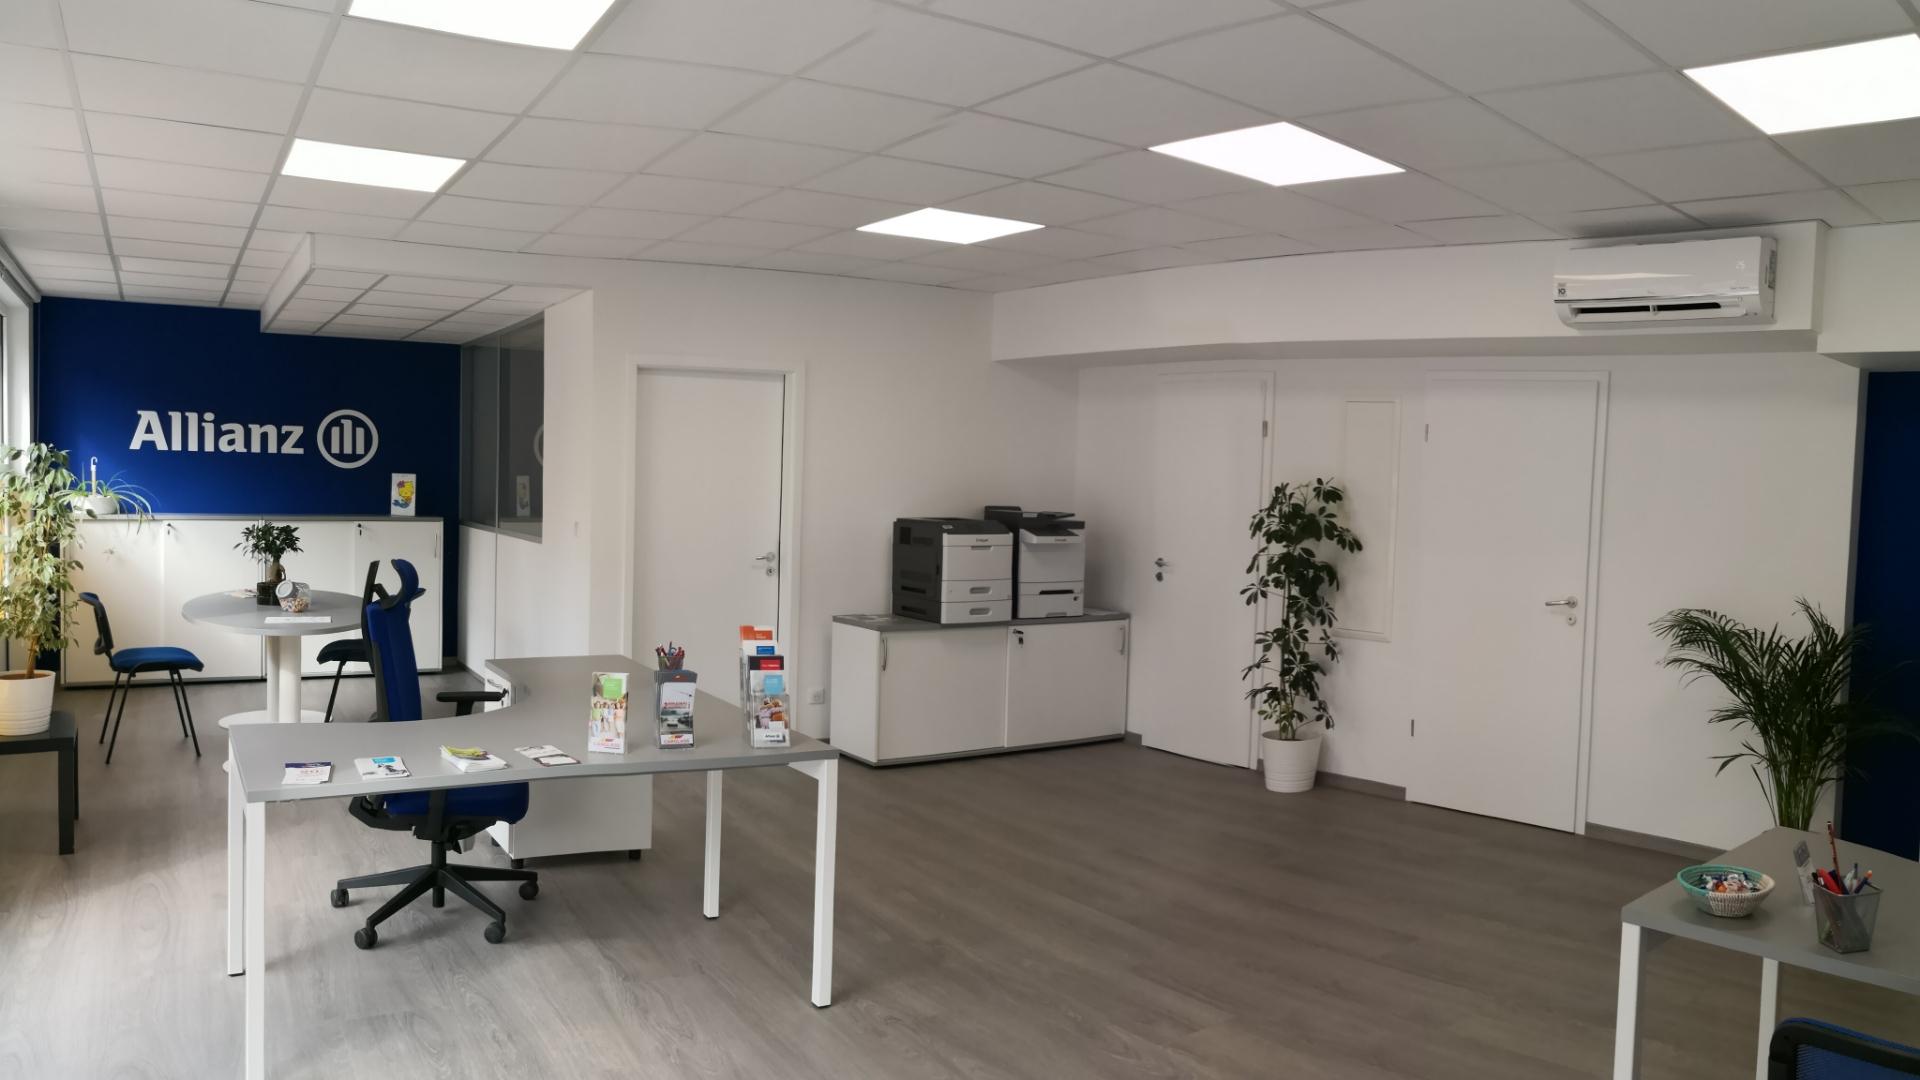 Assurance Lingolsheim - Stephane Kopp | Allianz à Piscine Lingolsheim Horaires